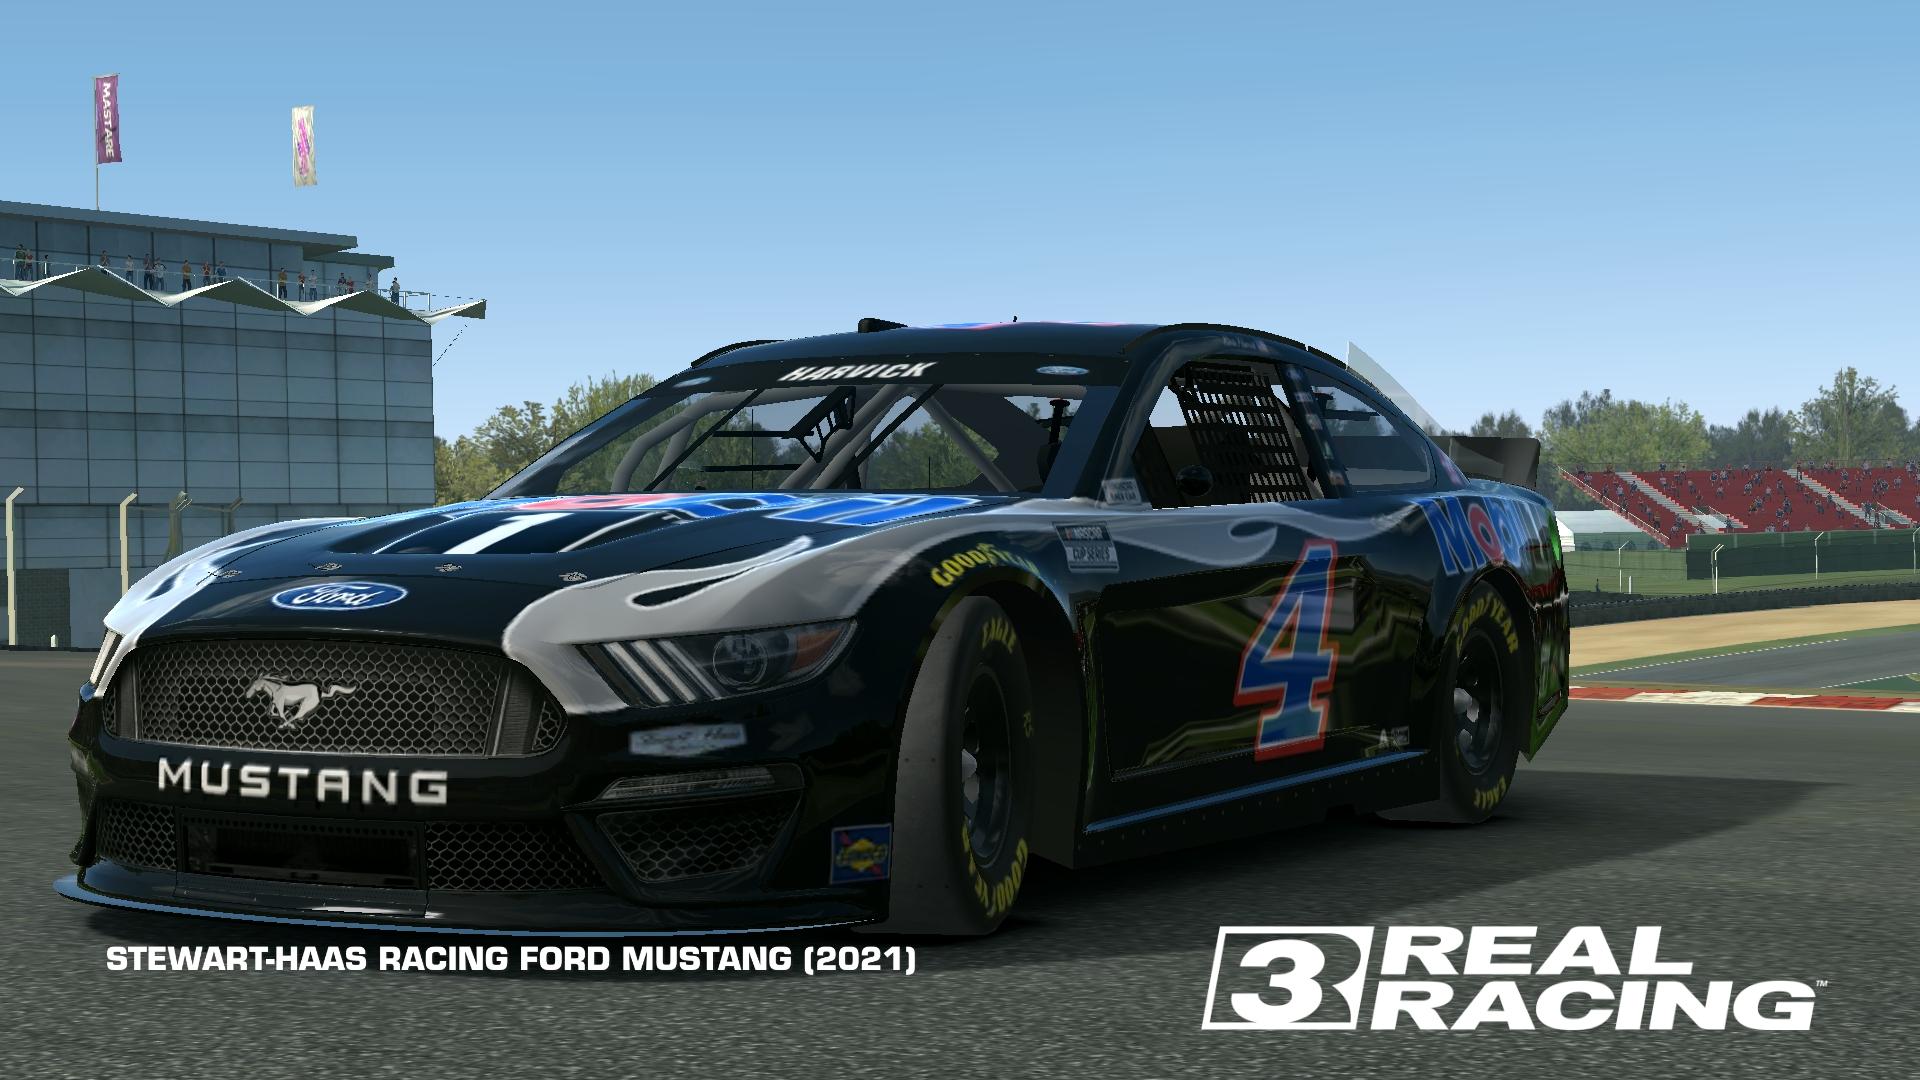 Showcase STEWART-HAAS RACING FORD MUSTANG (2021).jpg